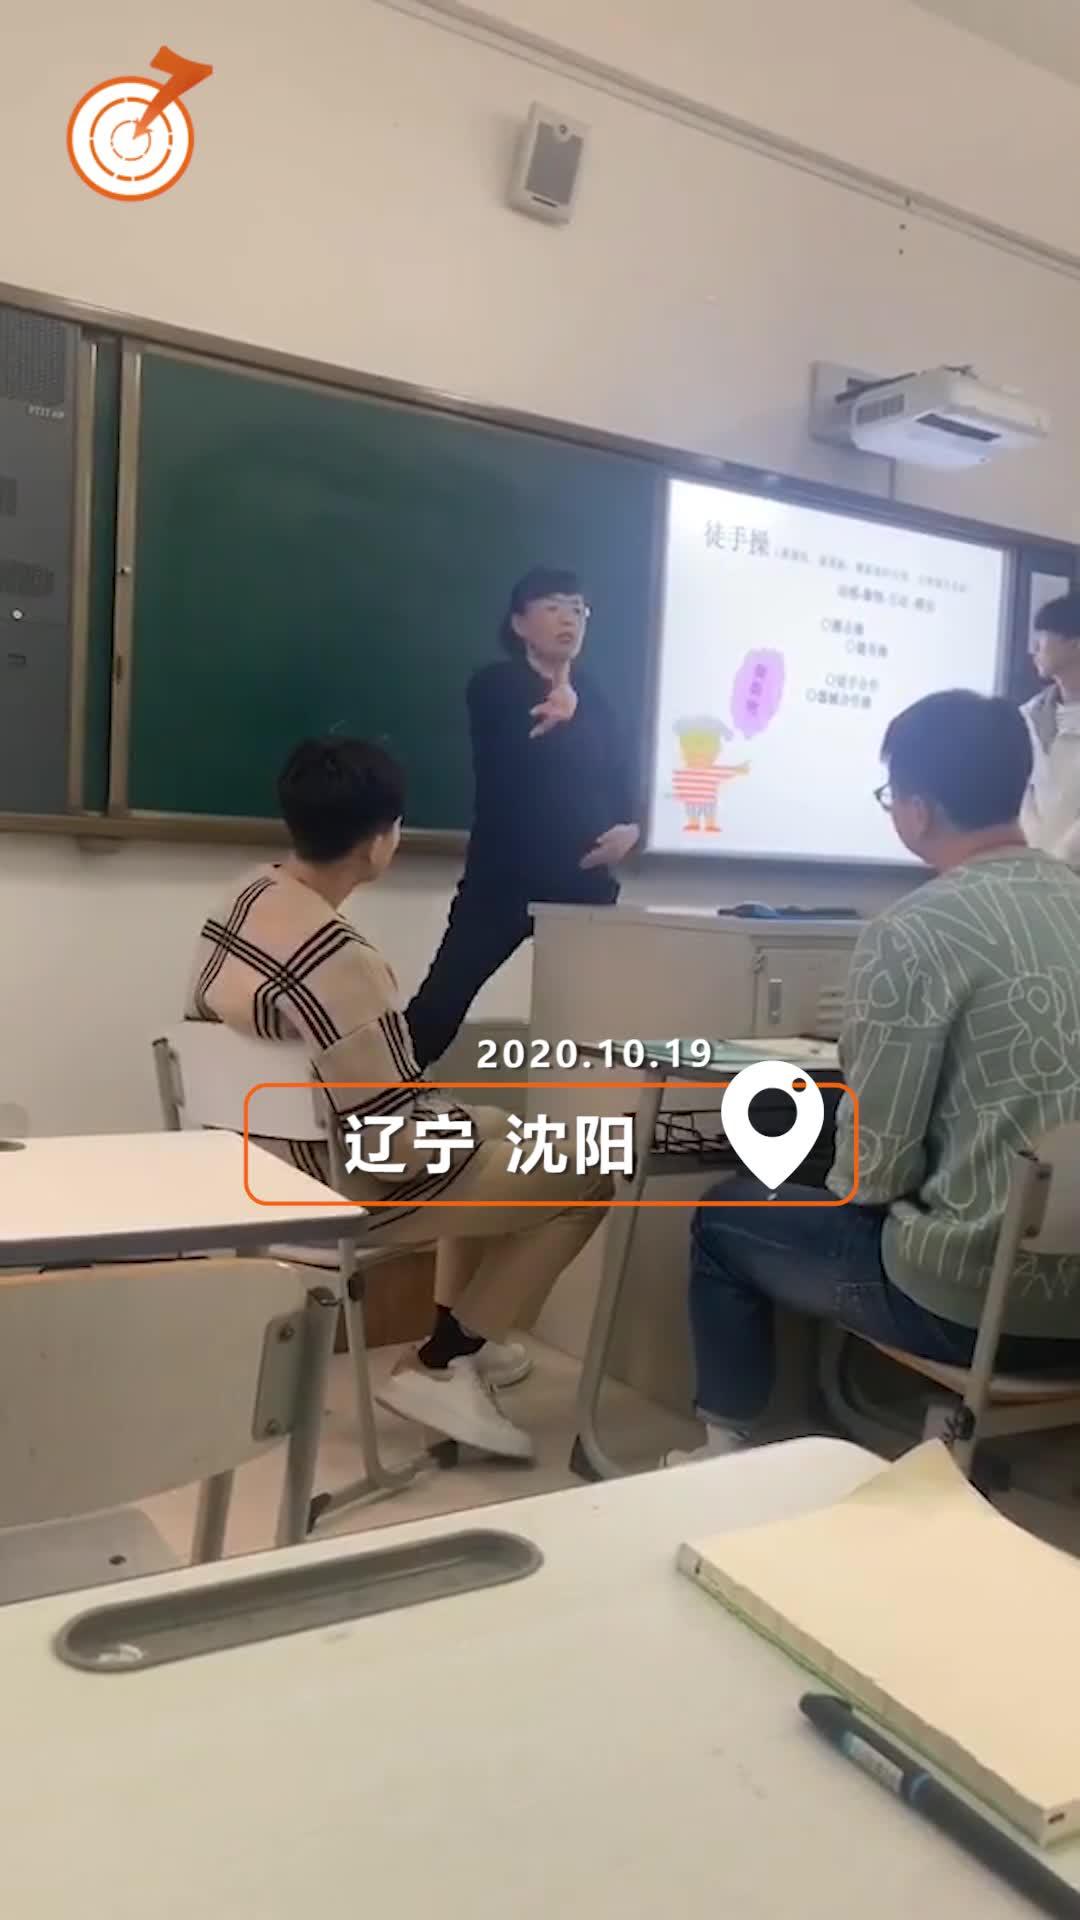 武术课上老师摇花手逗得学生们大笑 网友:这绝对是专业选手!